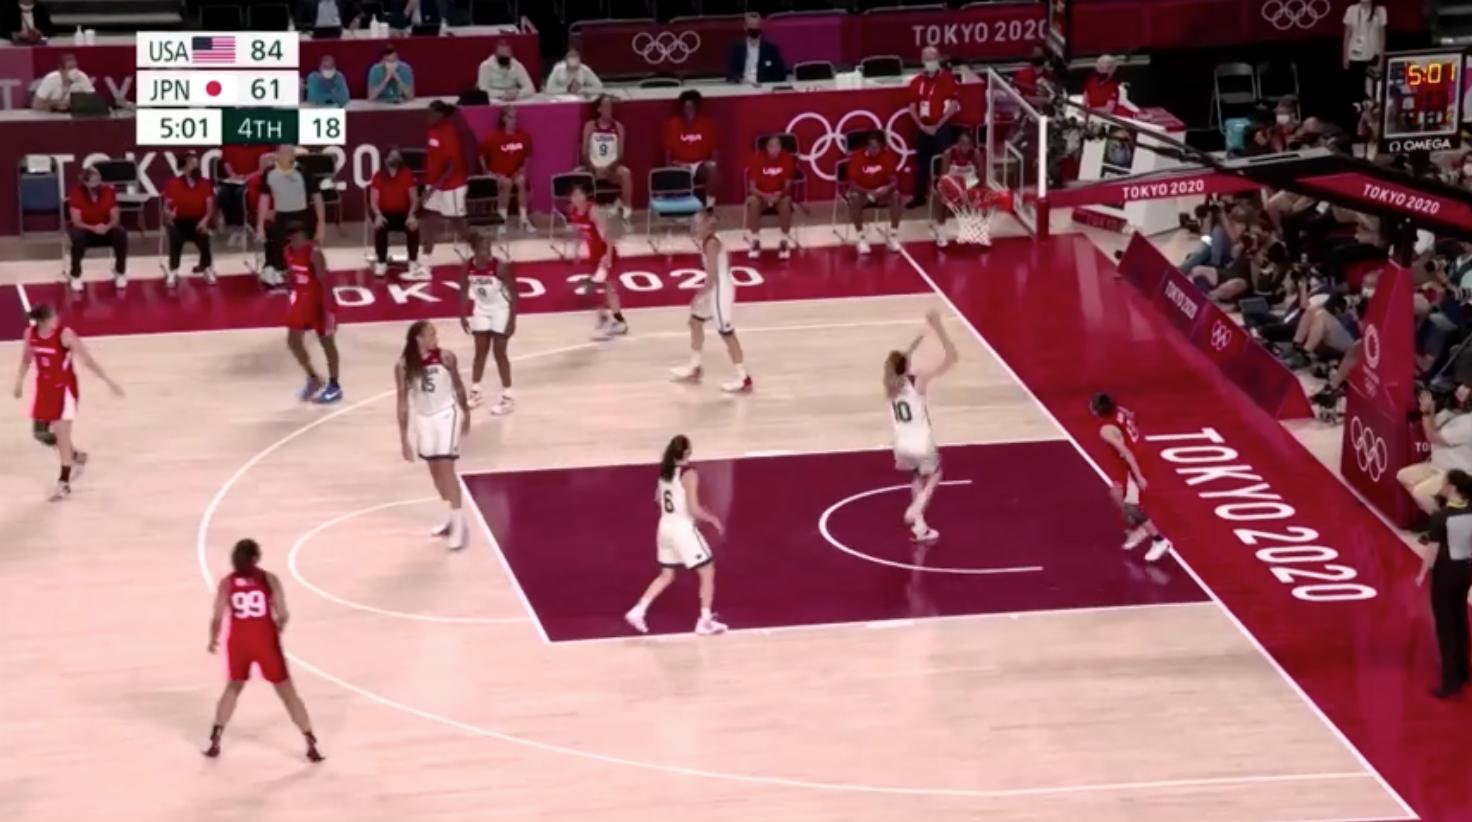 Đội tuyển bóng rổ nữ Hoa Kỳ giành huy chương vàng sau khi đánh bại Nhật Bản với tỷ số 90-75